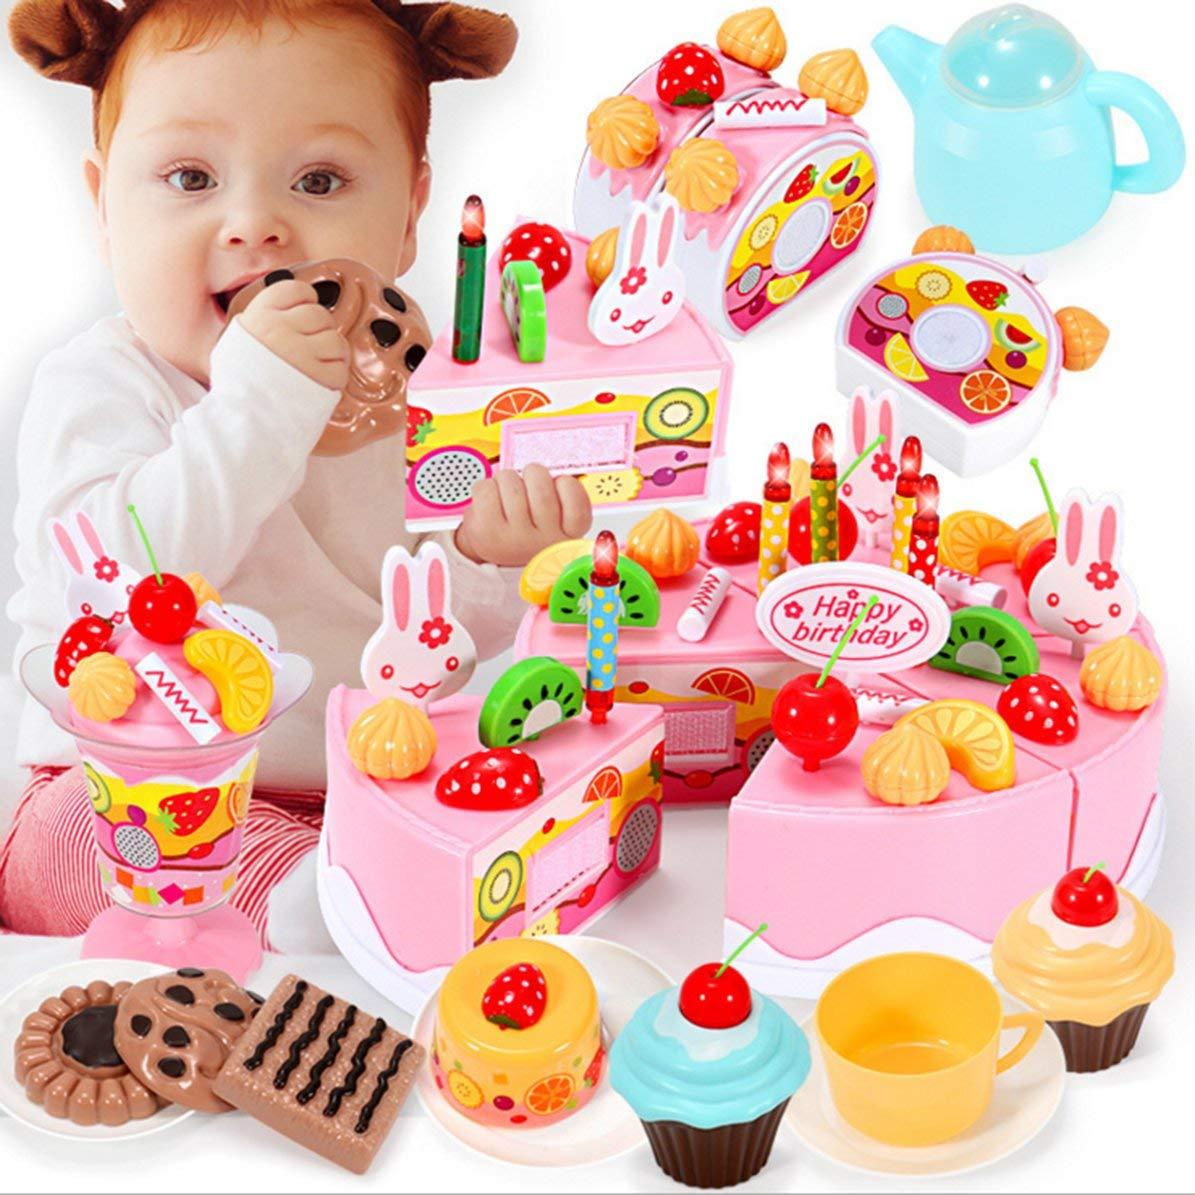 DoMoment Giocattoli da Cucina per Bambini in Legno Fare Finta di Giocare Torta da Taglio Gioca Cibo Giocattoli per Bambini Giocattoli da Cucina in Legno